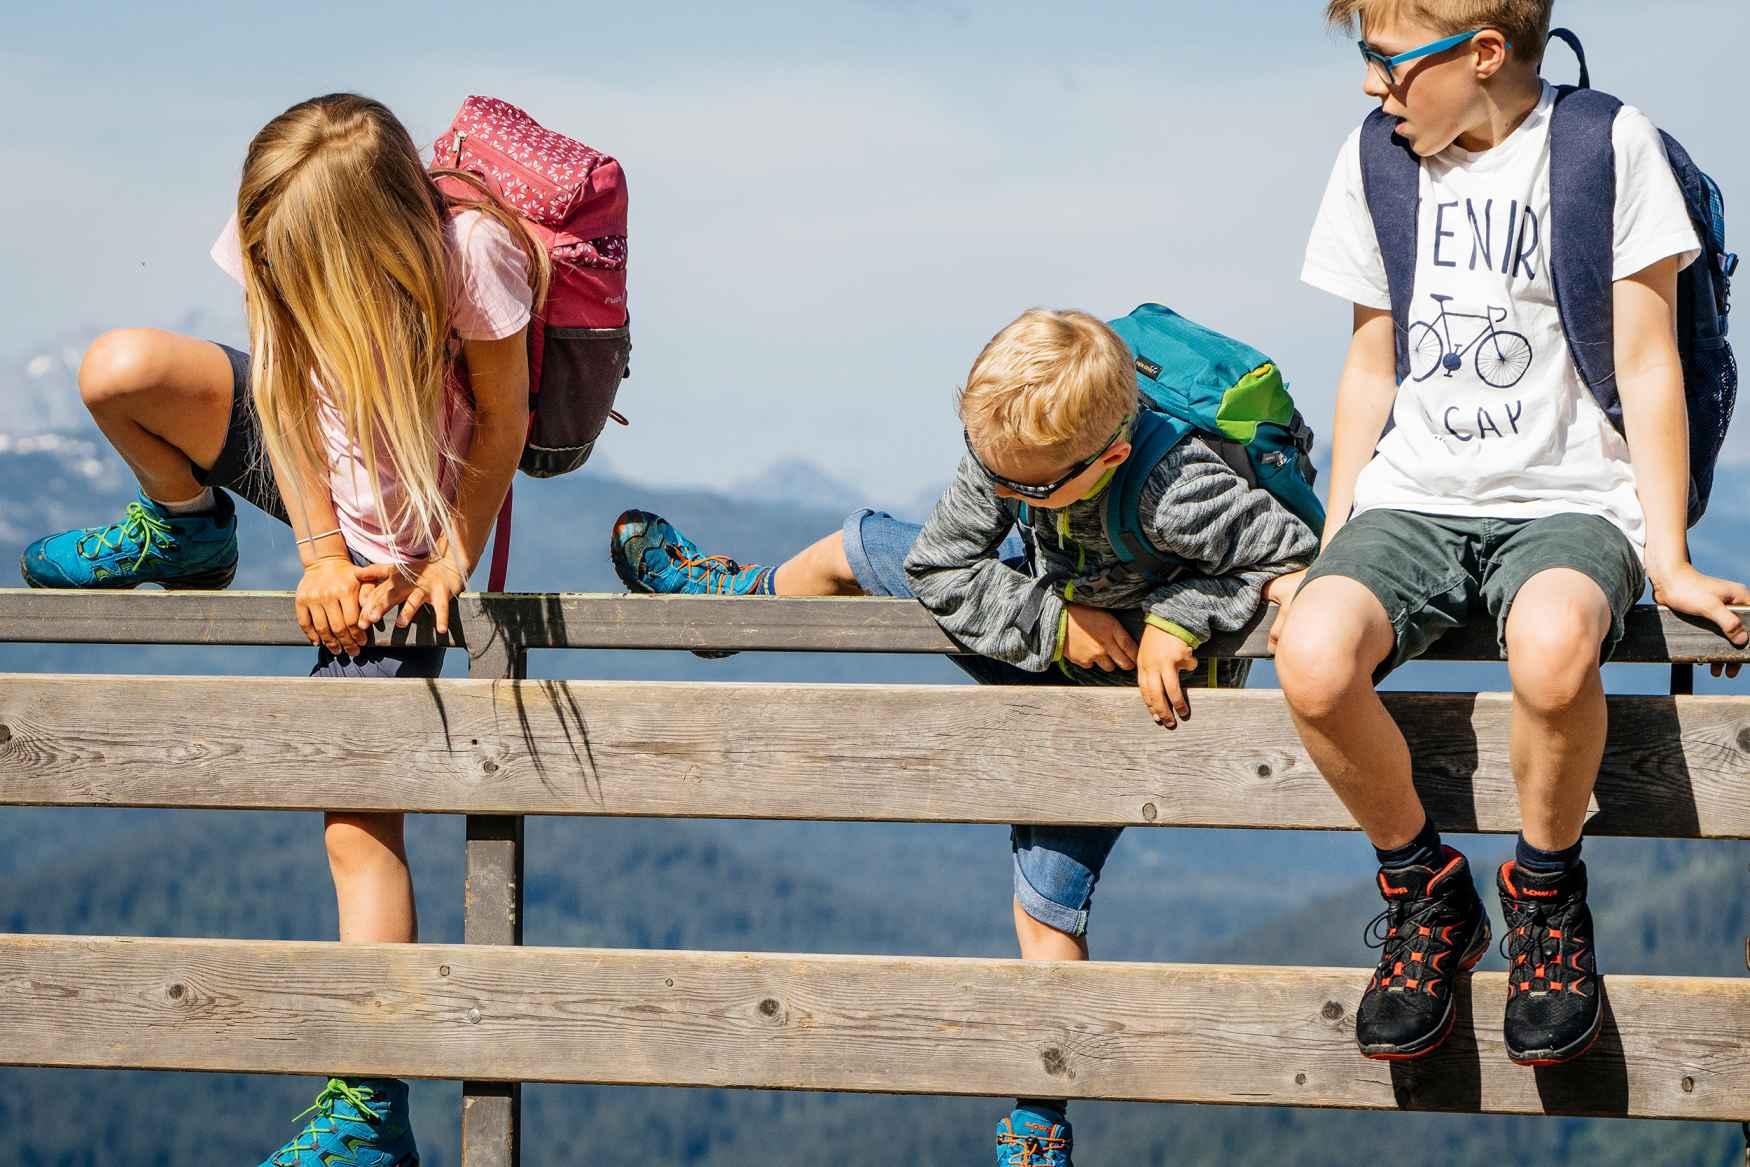 Snel nog de speed-lace veters aangetrokken en daar begint al het volgende avontuur. Met de MADDOX LO JUNIOR zijn kleine vrijetijdshelden en outdoorfans optimaal uitgerust. Dankzij de tussenzool van LOWA DynaPU® is de schoen bijzonder goed gedempt en zorgt de bovenkant van mesh-materiaal voor uitstekende ademende eigenschappen op hete zomerdagen.